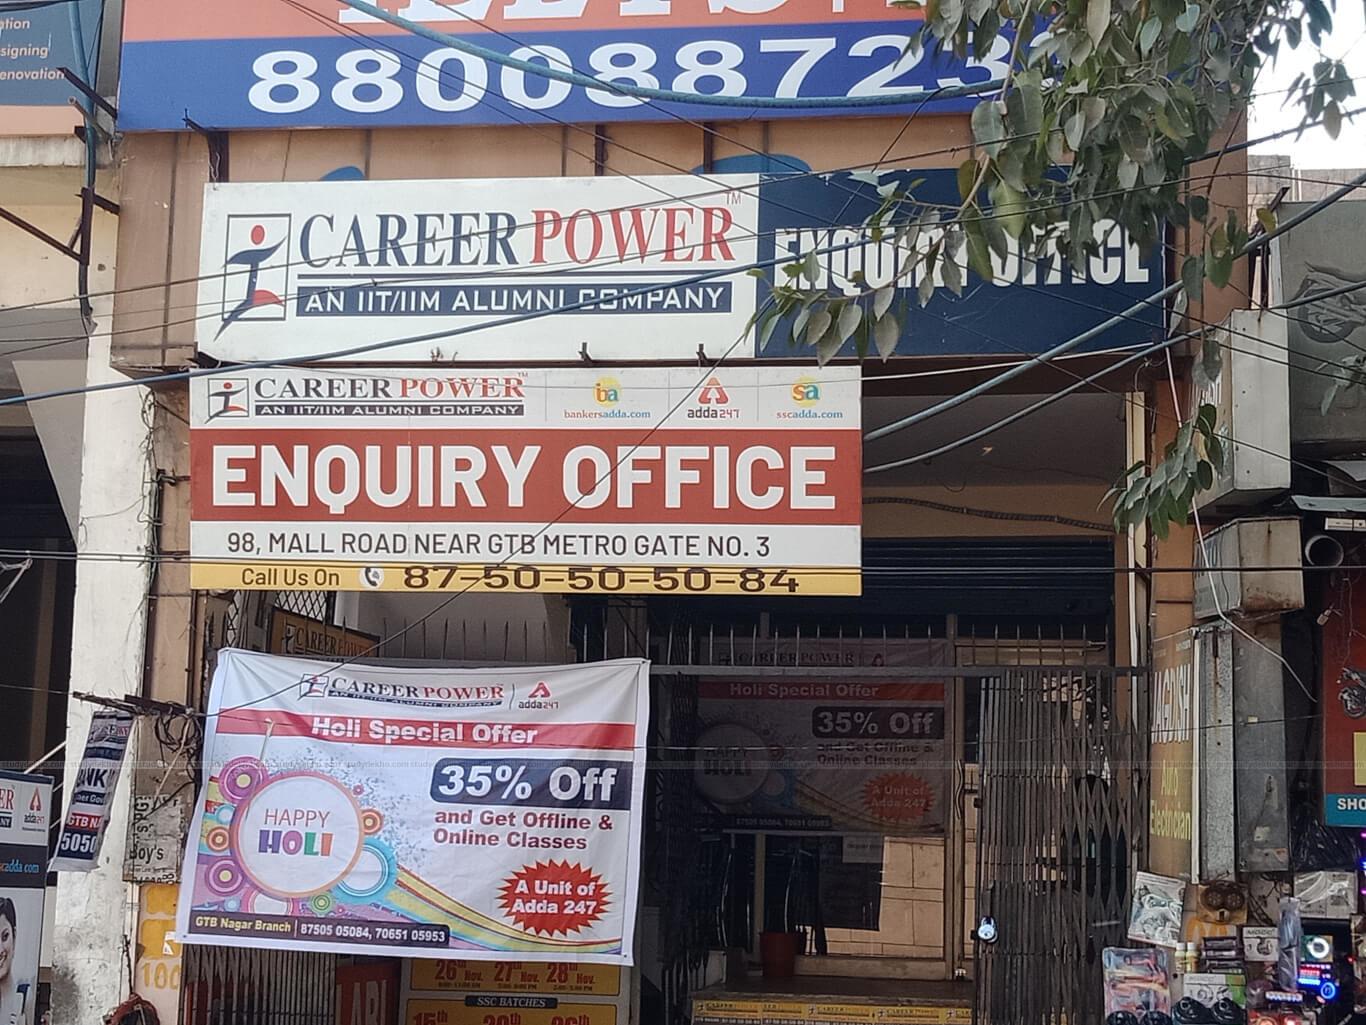 Career Power Gallery